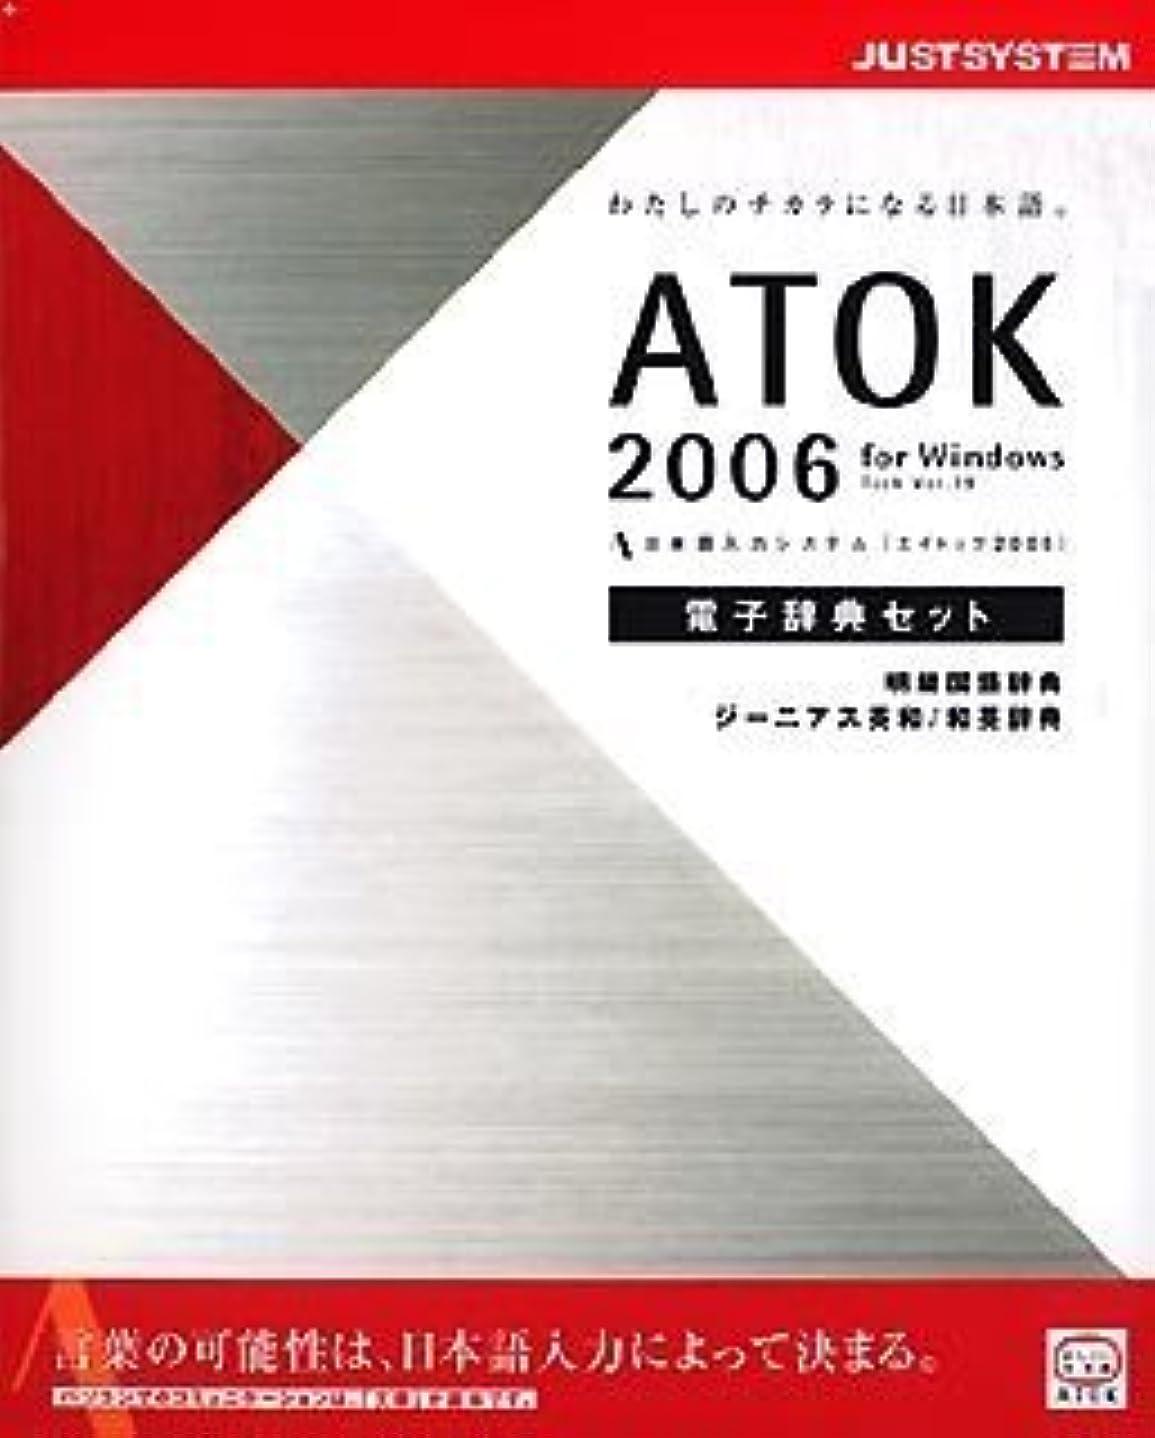 電話する比類のない人柄ATOK 2006 for Windows 電子辞典セット CD-ROM